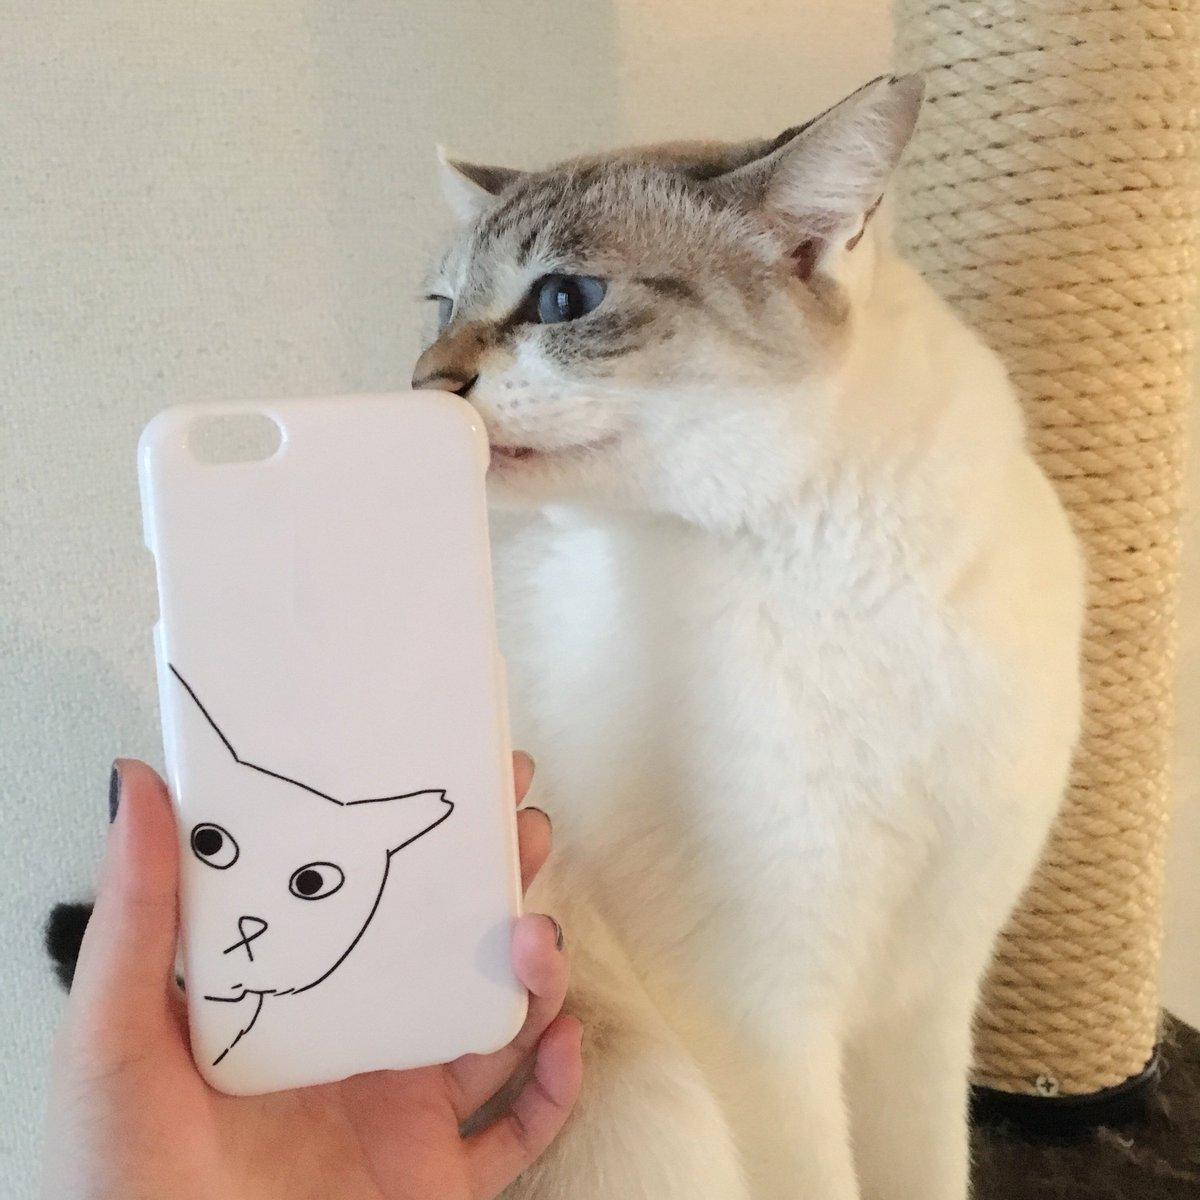 つくった I made my smartphone case with the drawing by @poorlycatdraw ! twitter.com/n_kana/status/…